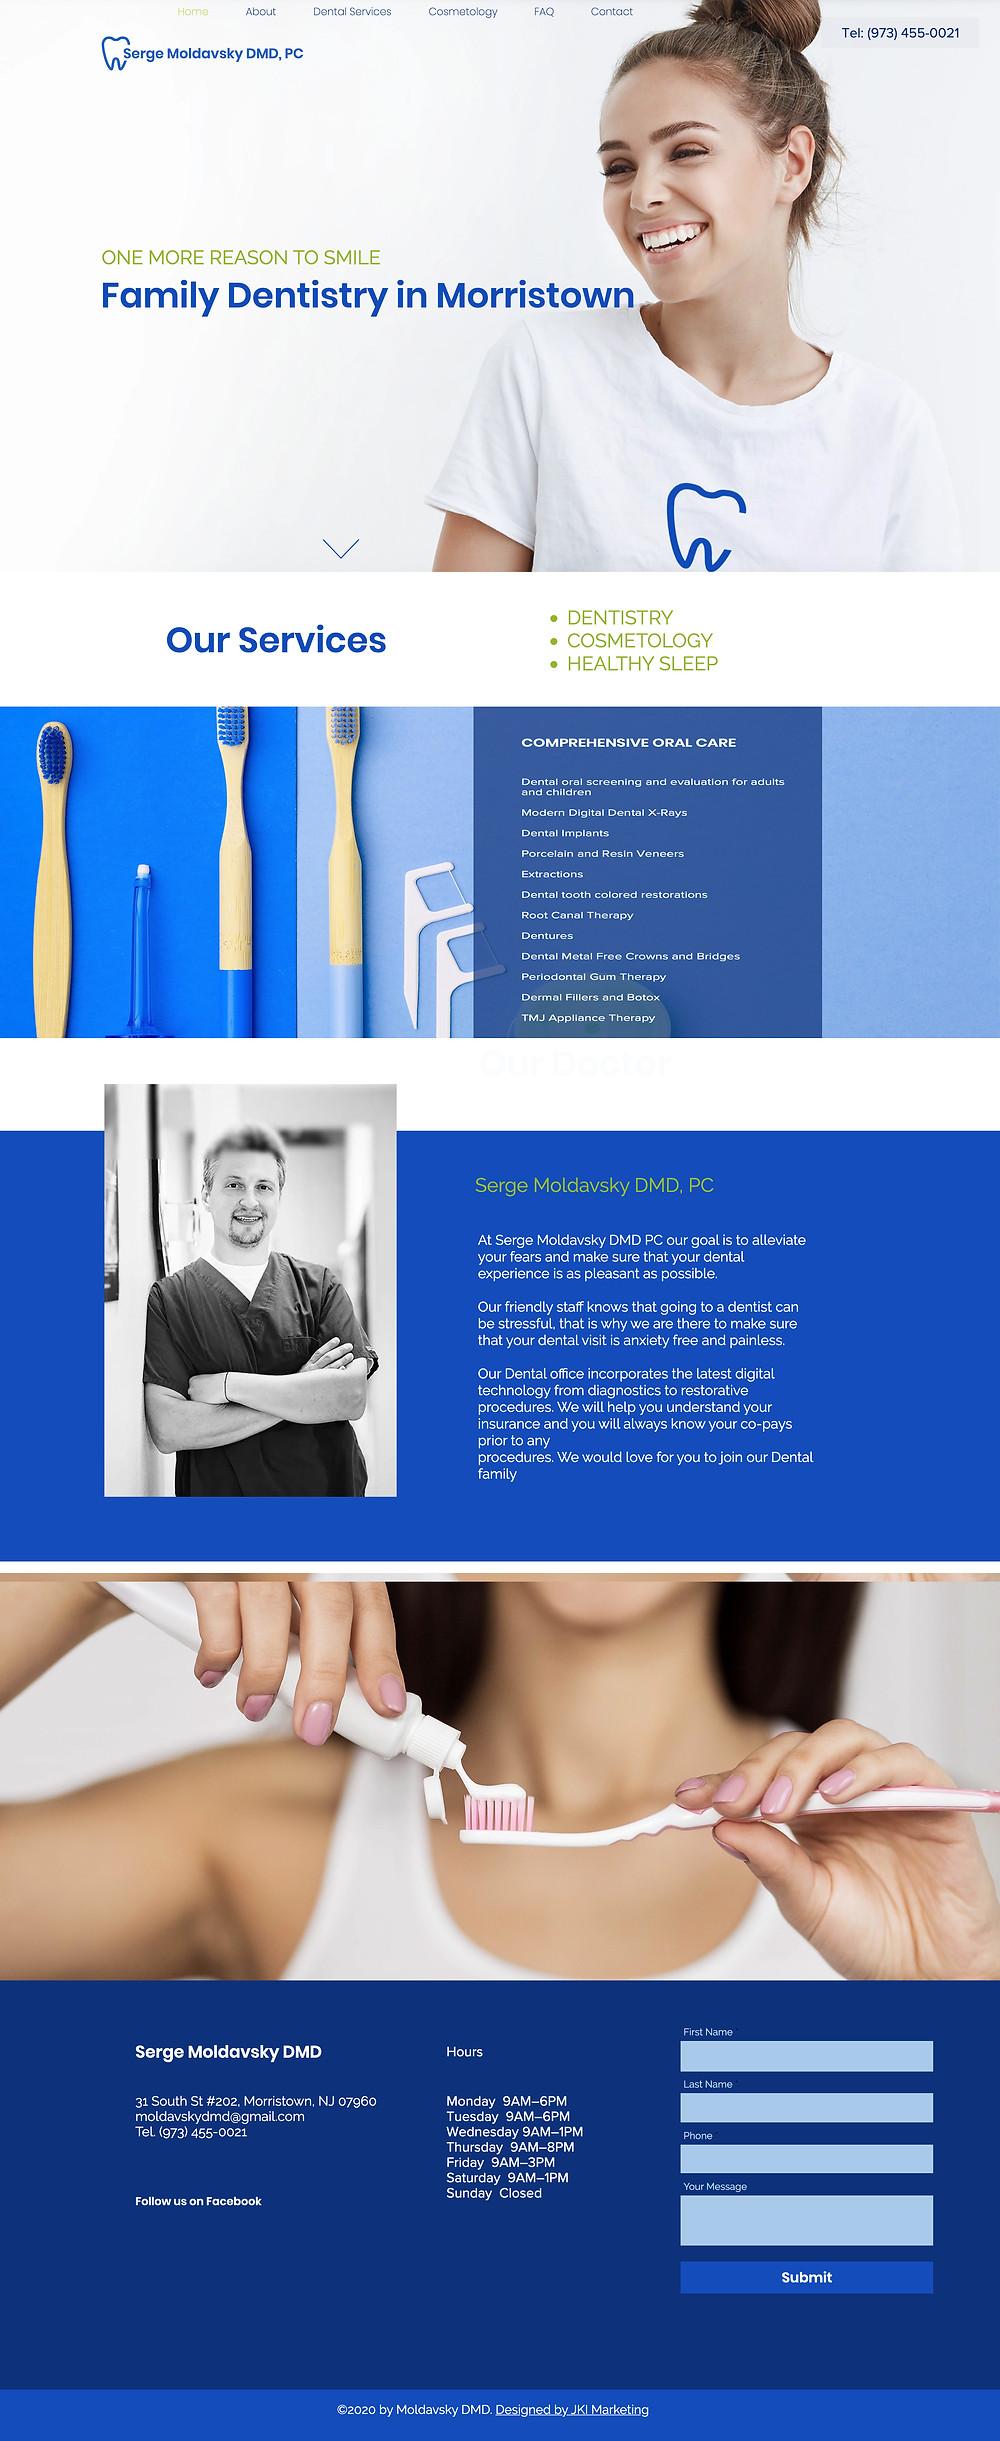 Web design for Family dentistry in Morristown, NJ